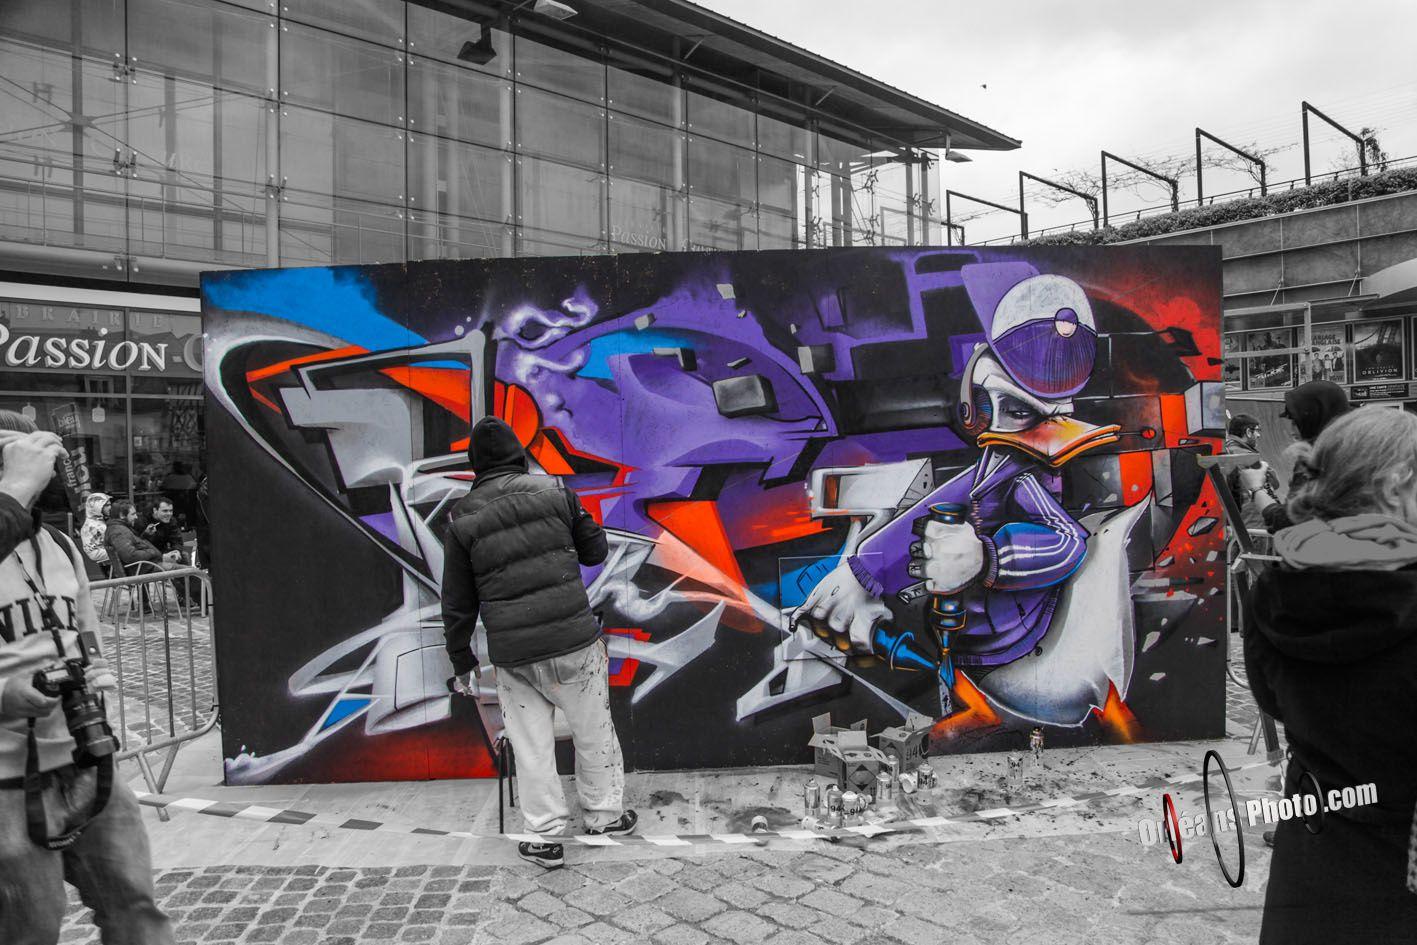 http://orléansphoto.com/2013/festival-hip-hop-dorleans-block-party-place-loire/